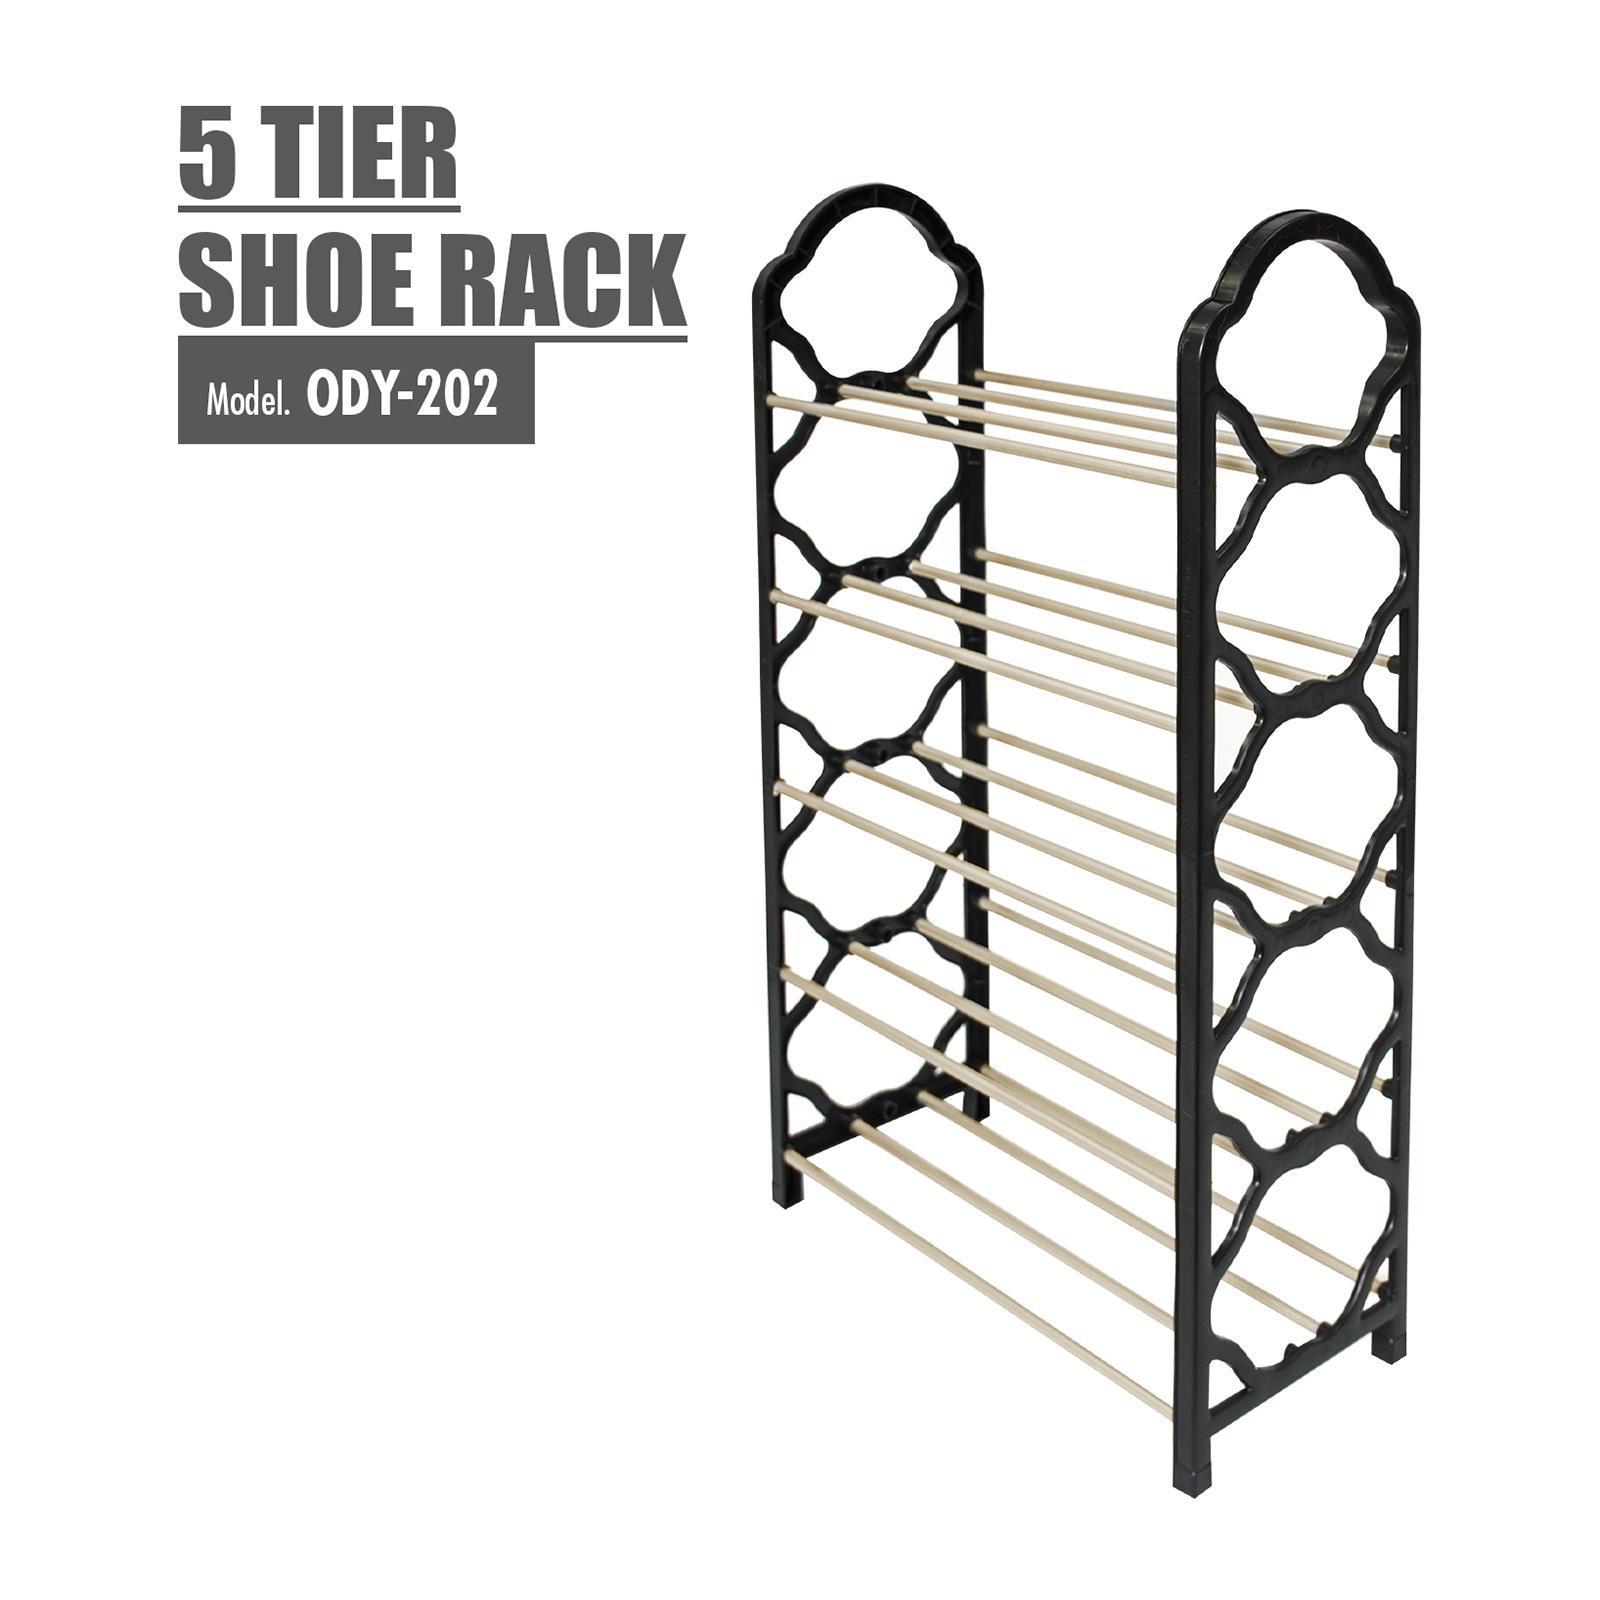 HOUZE 5 Tier Shoe Rack